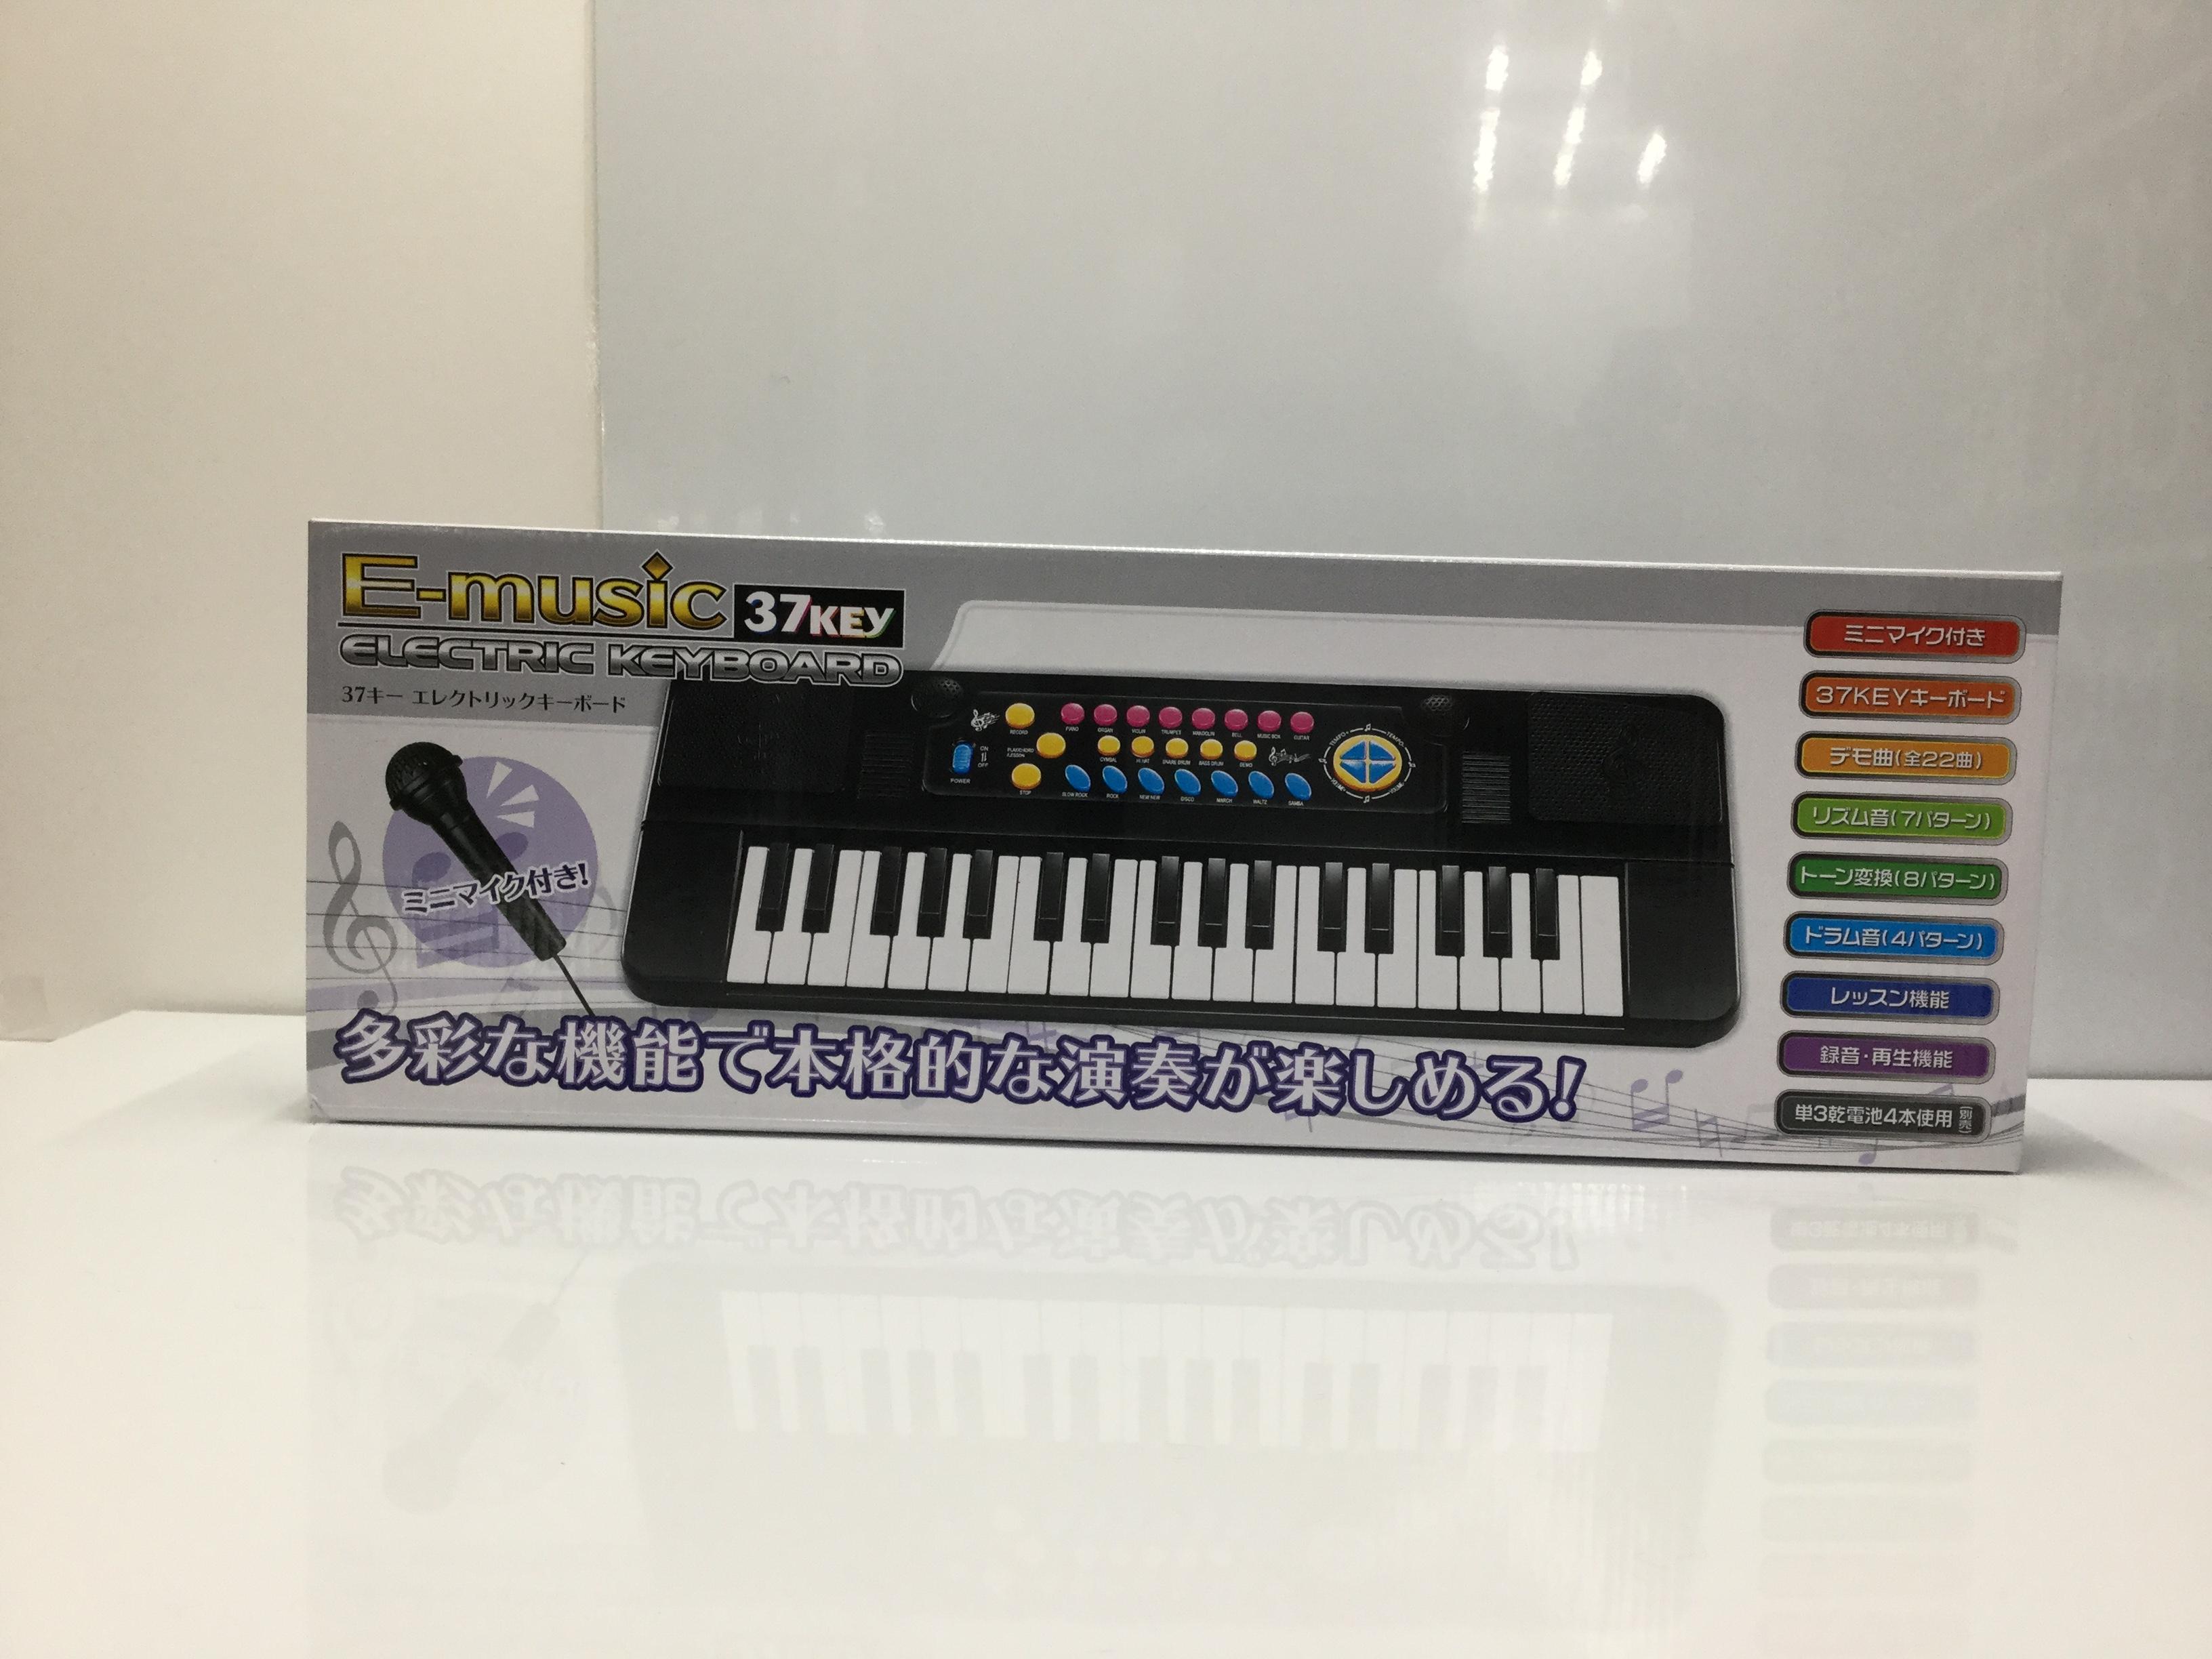 E-music 37キー エレクトリックキーボード